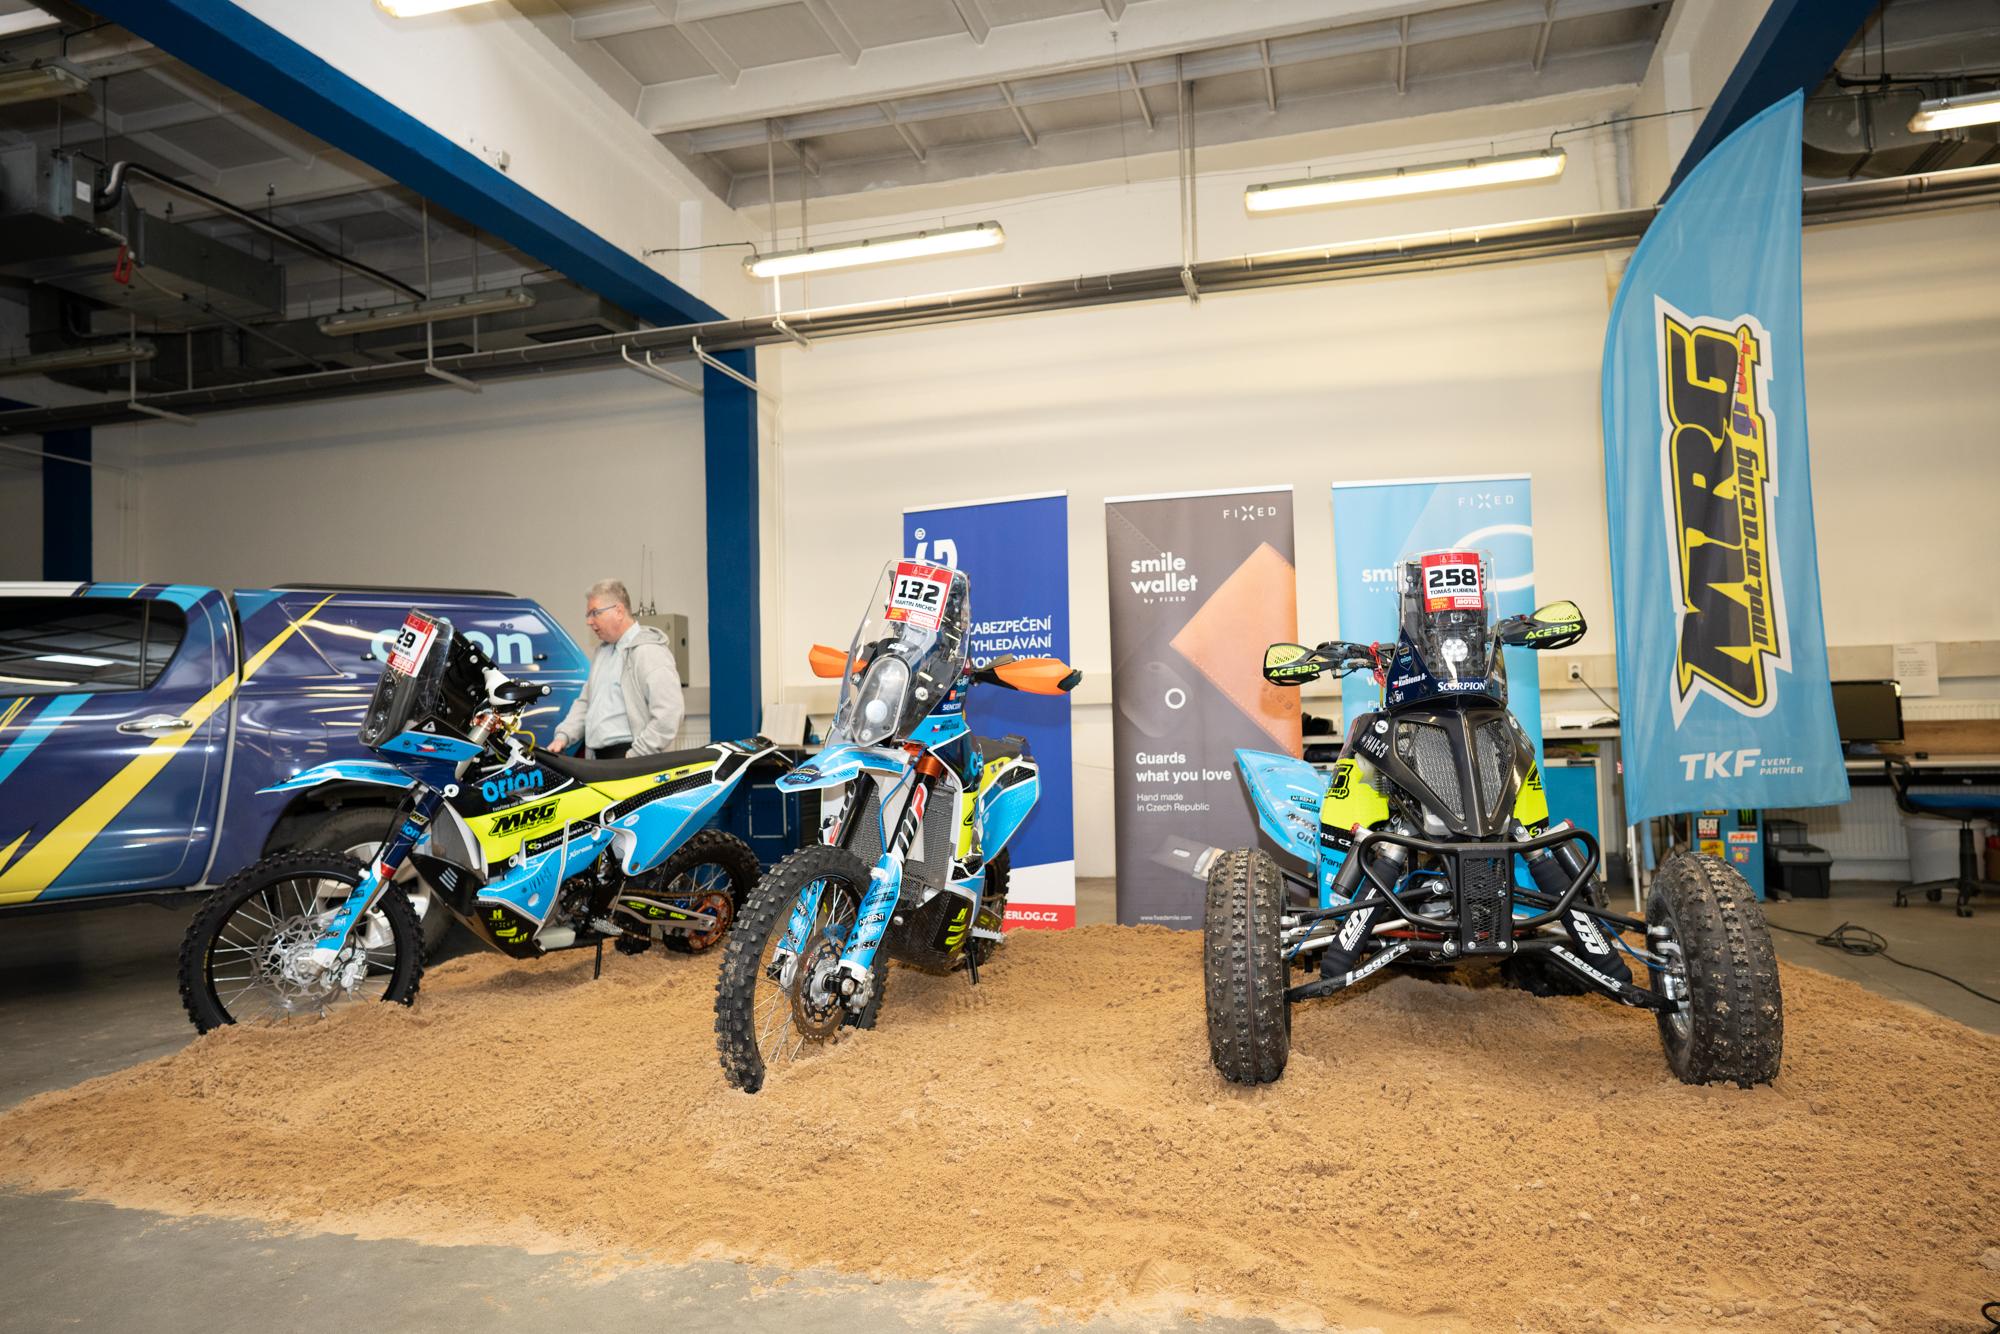 Představení týmu Orion – Moto Racing Group před Dakarem 2020